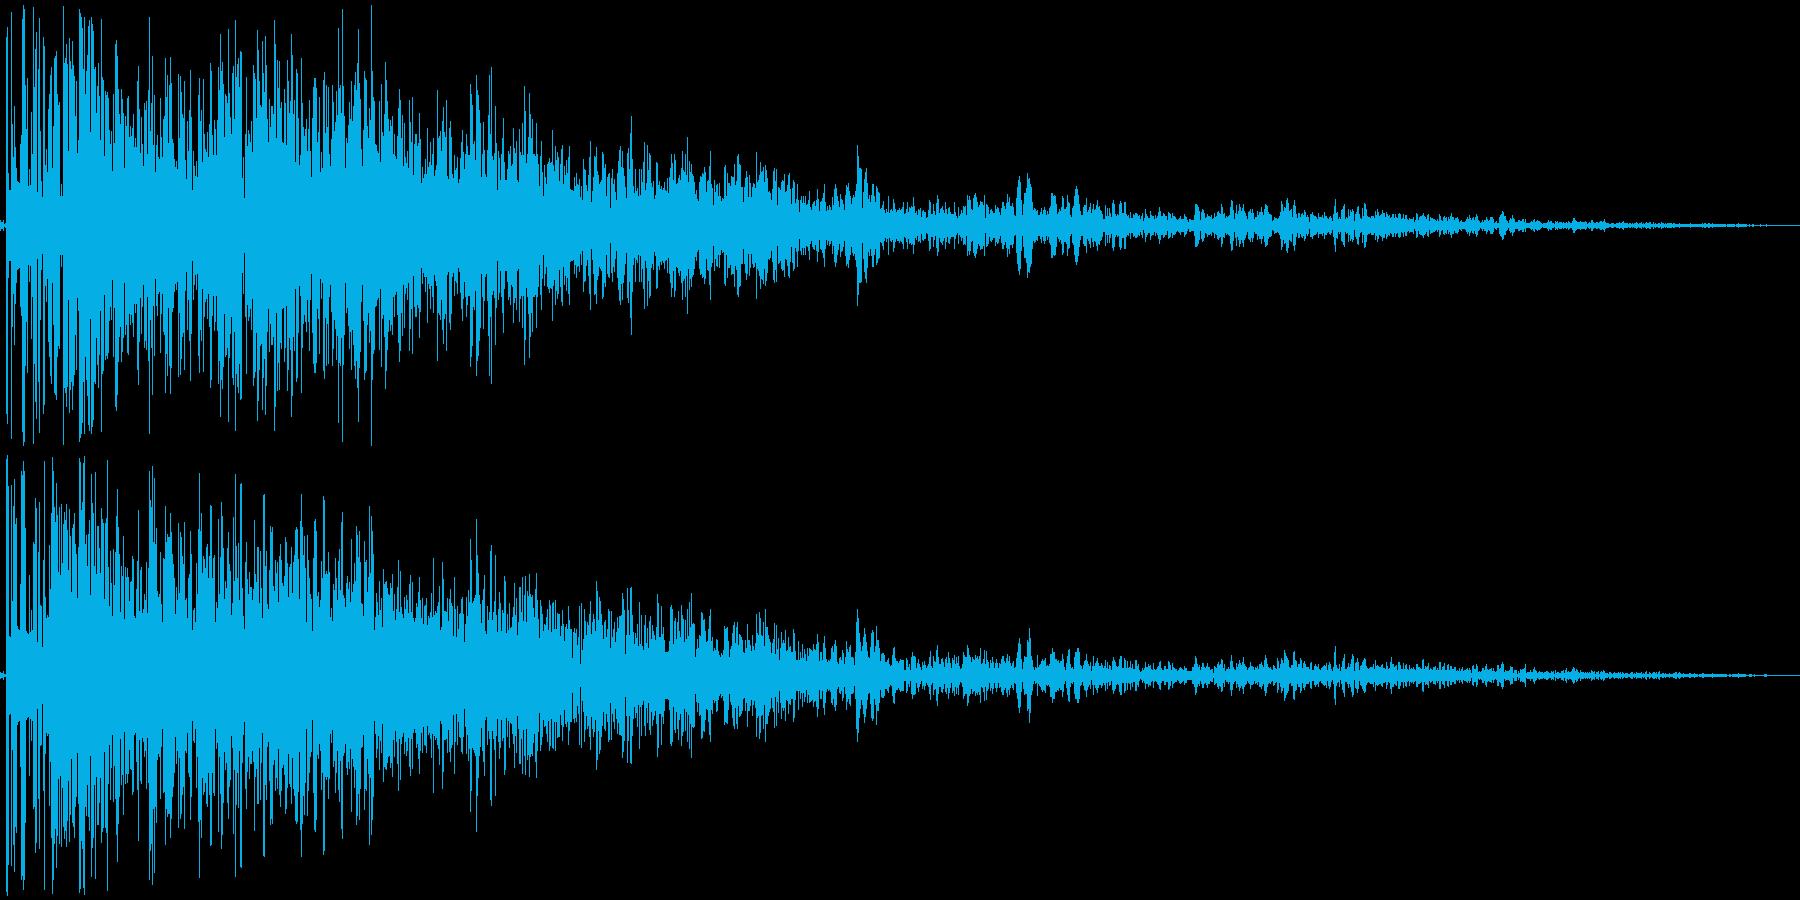 【本物】戦車砲(アタック音強め)の再生済みの波形